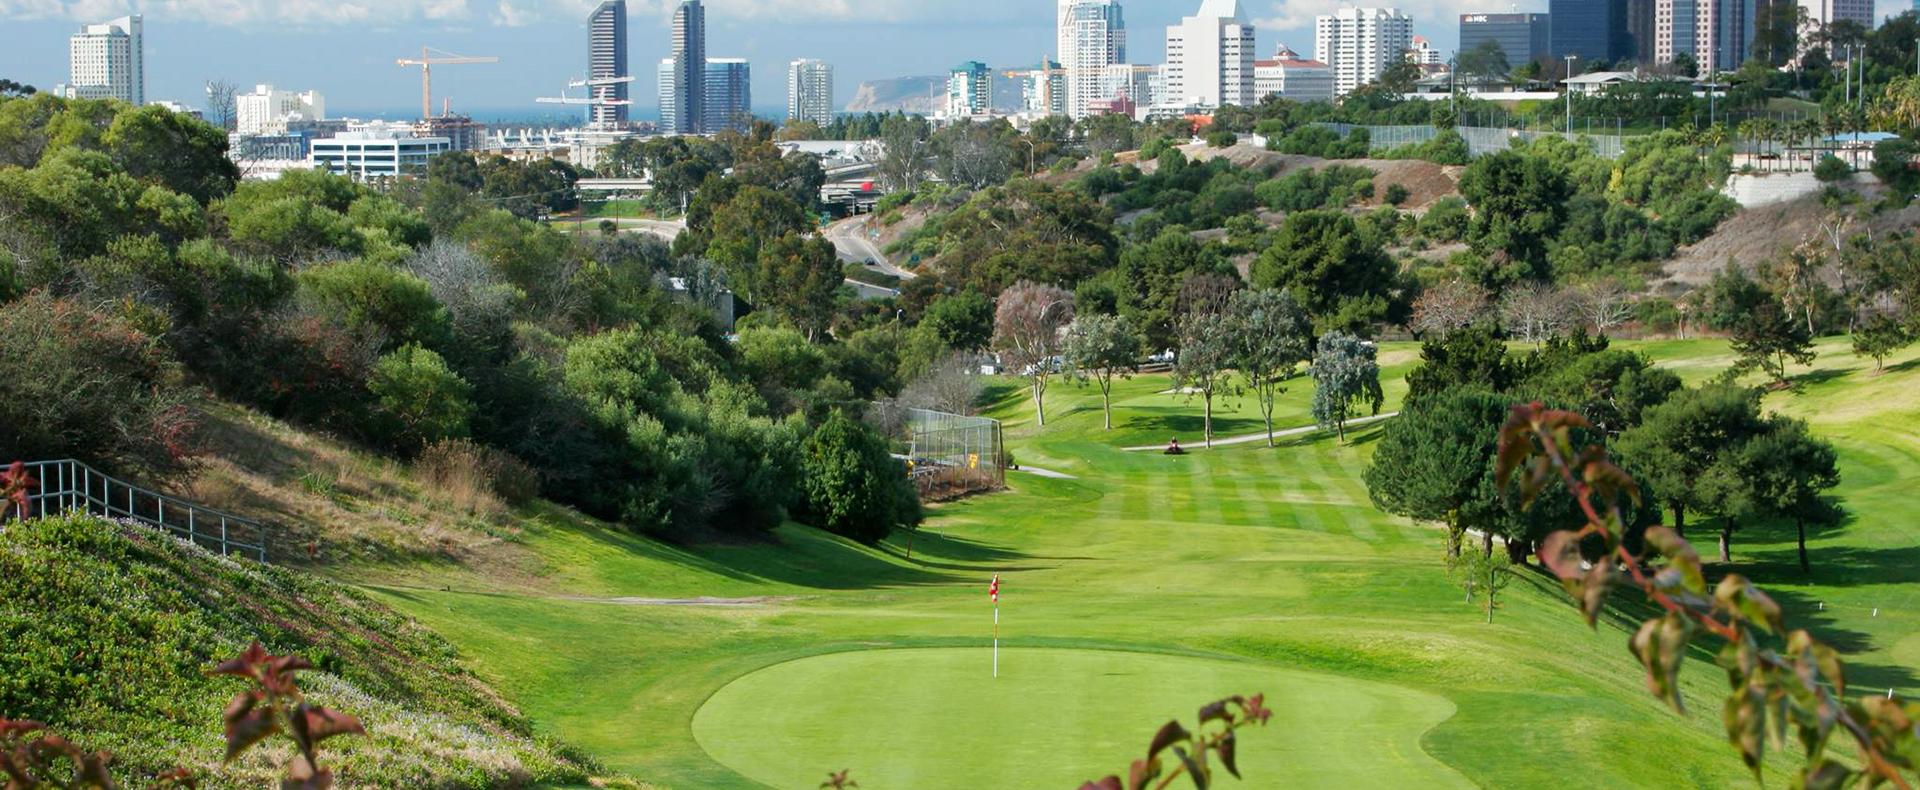 Best Golf Club in Encino California